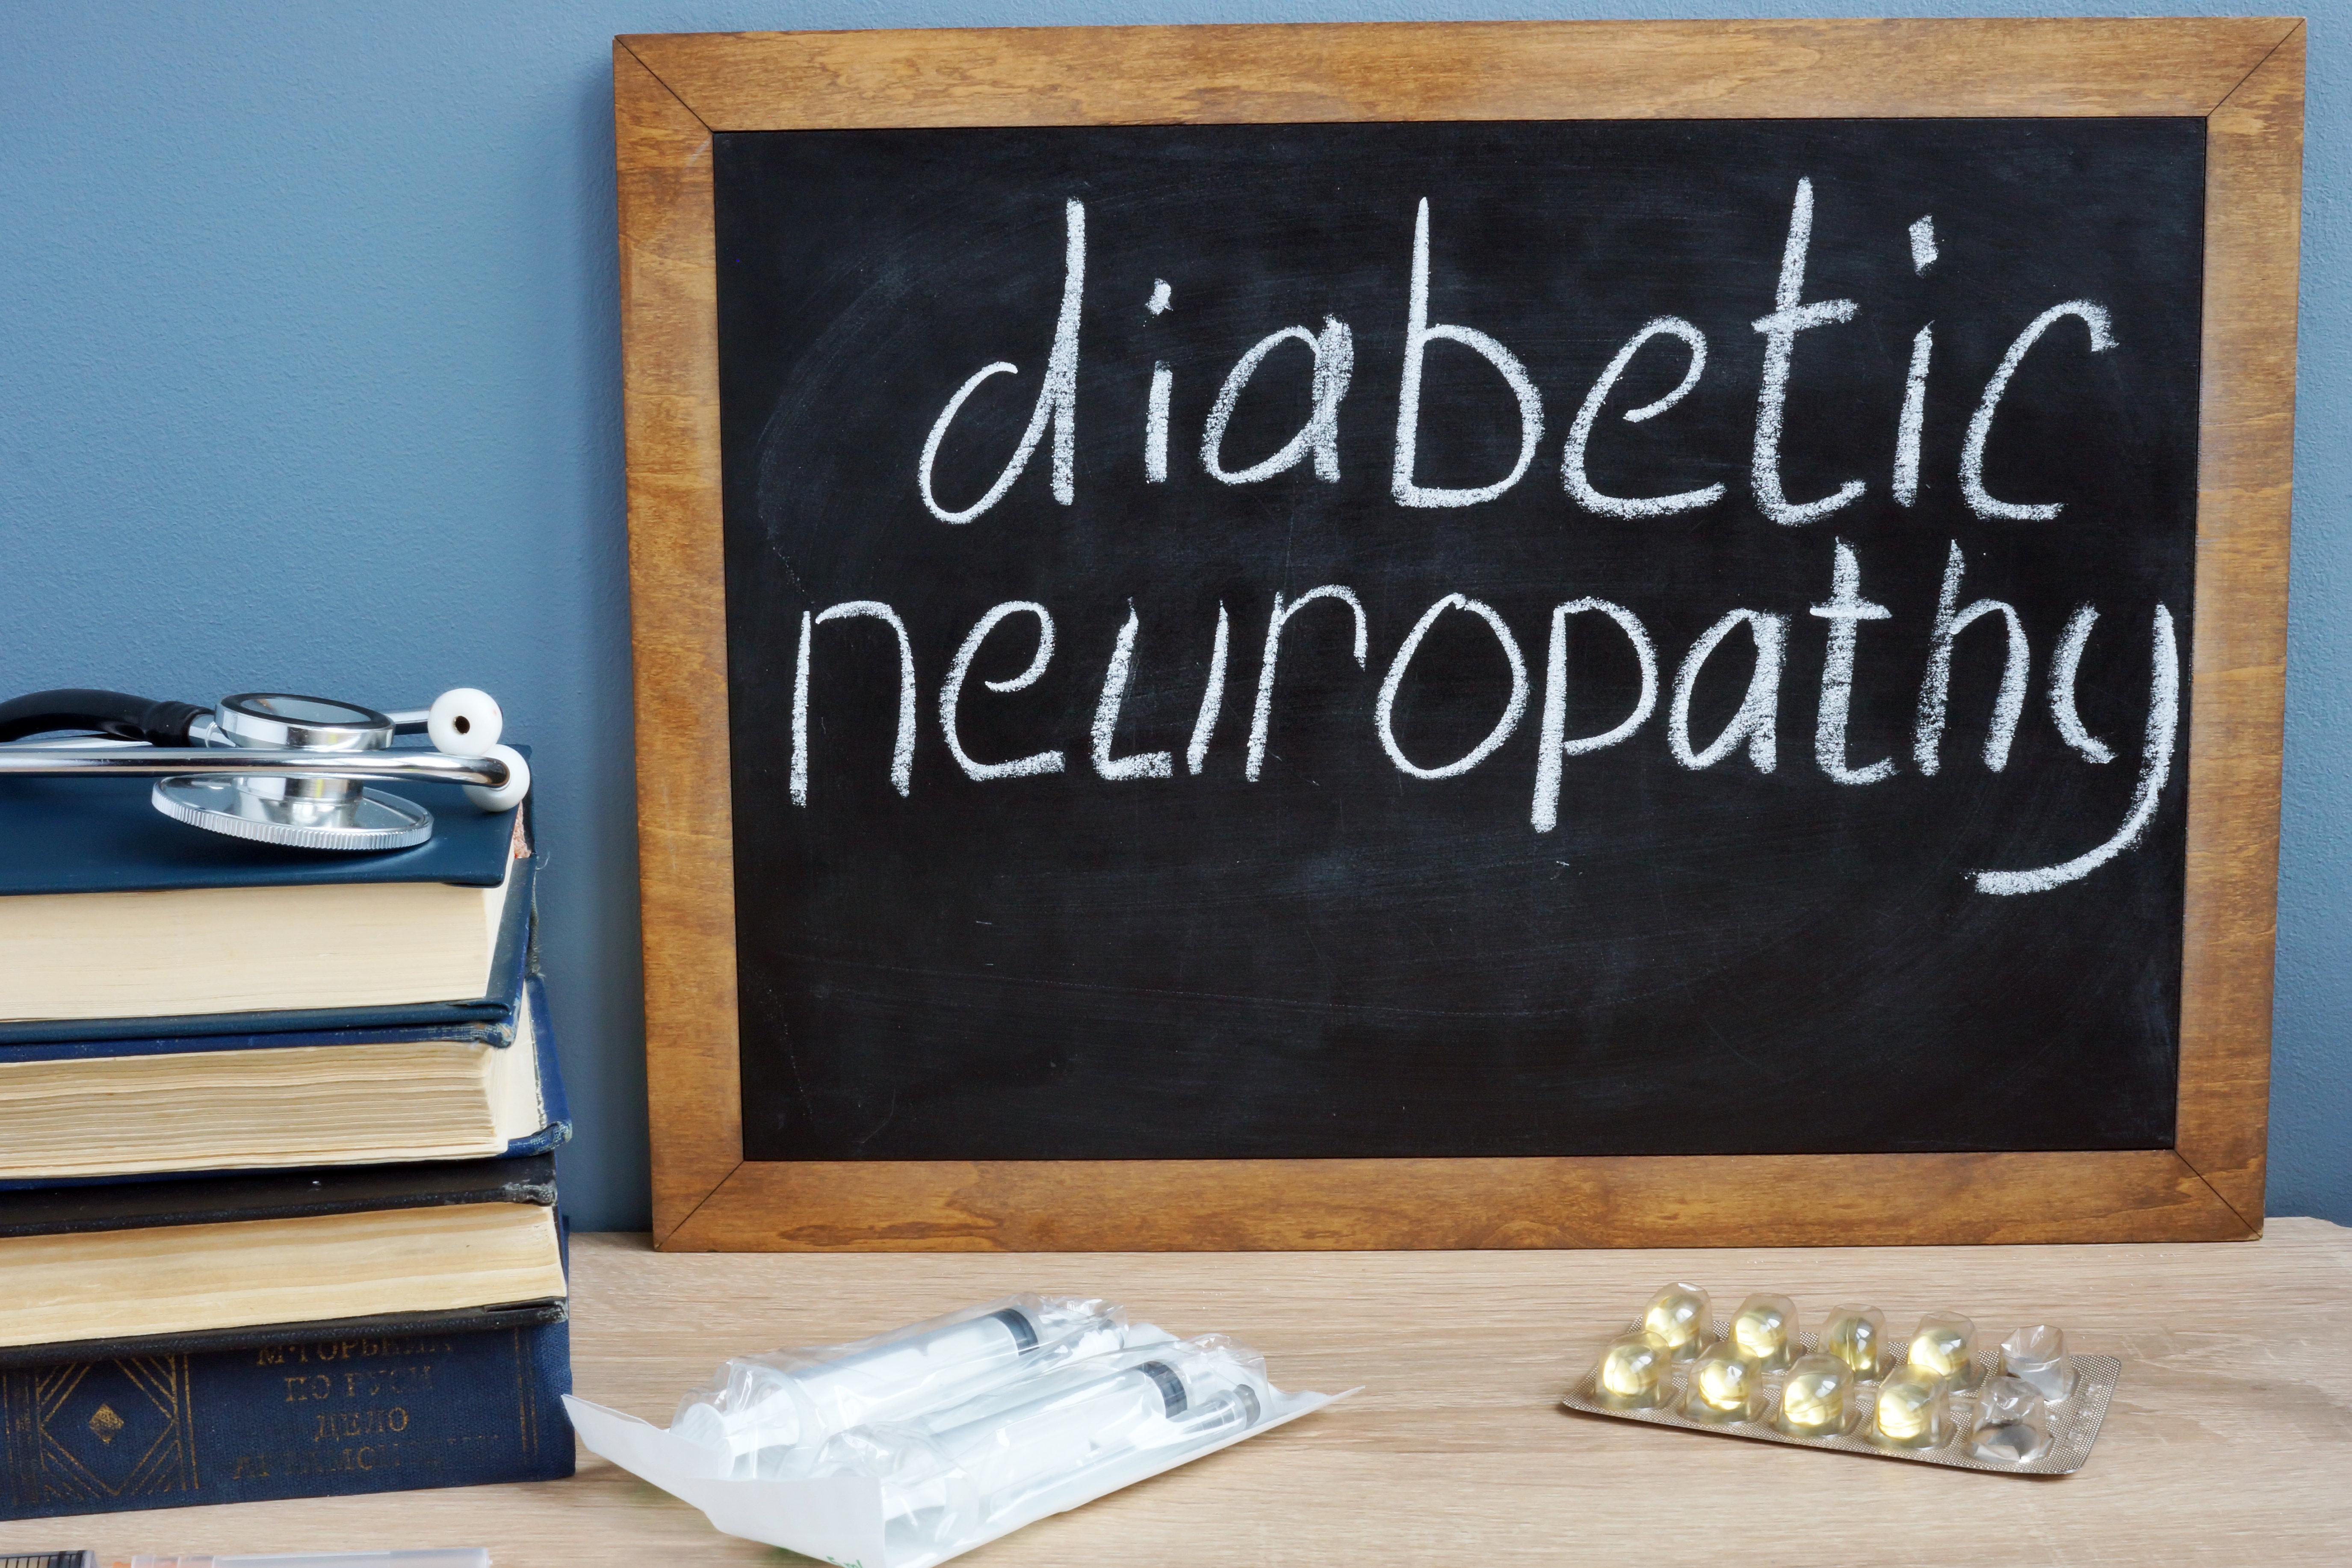 Diabetic neuropathy handwritten on a blackboard.